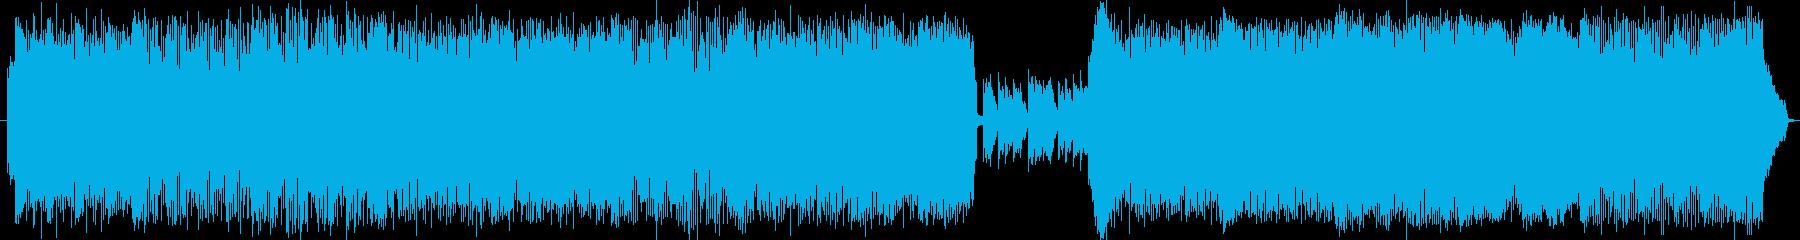 坦々とした朴訥なイメージの強いデジタル曲の再生済みの波形